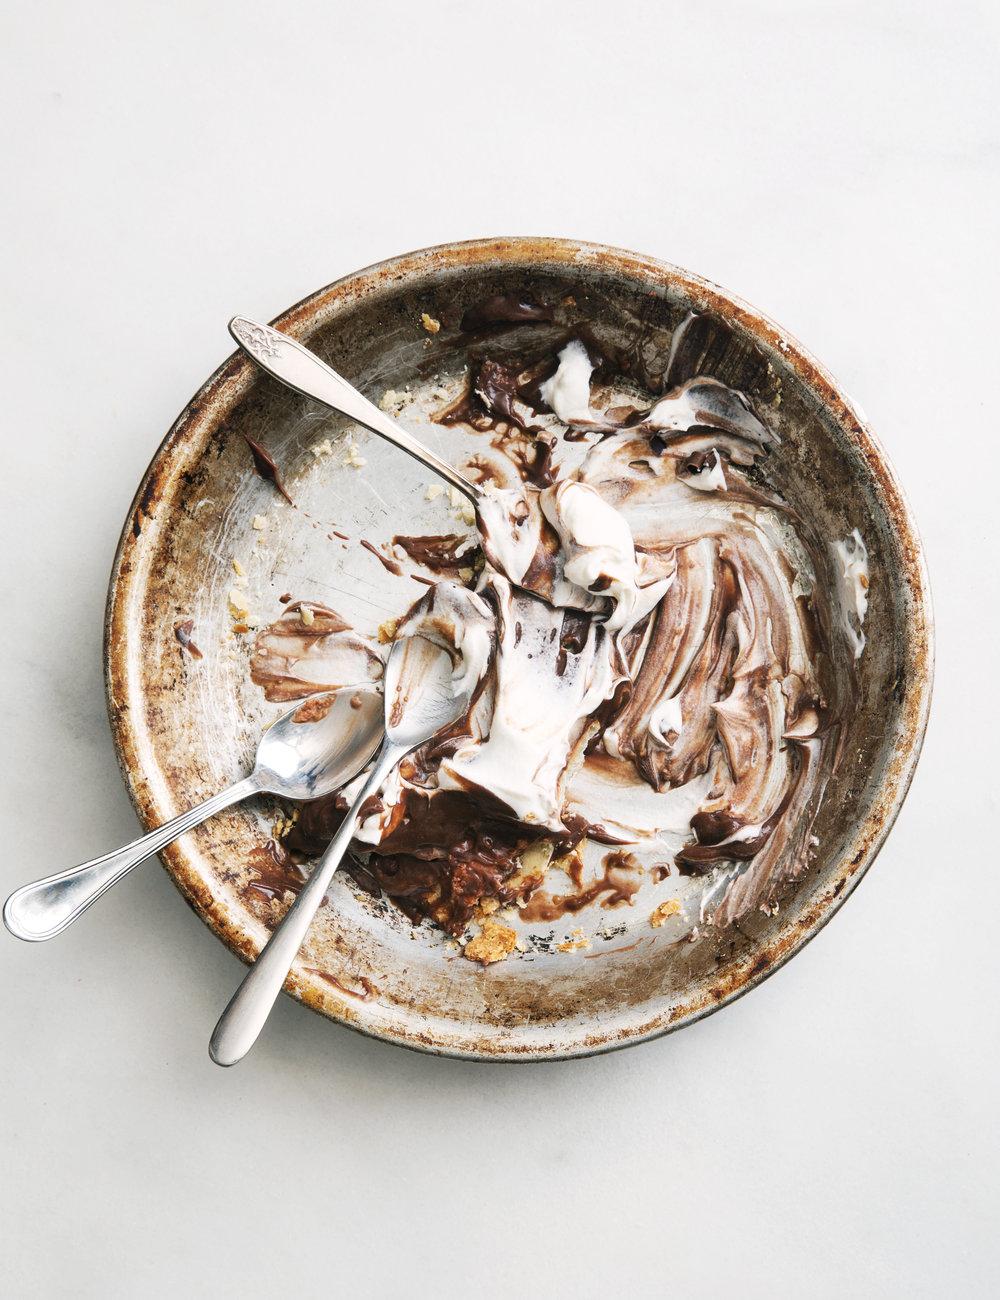 Chocolate Silk Pie Toronto Food photographer